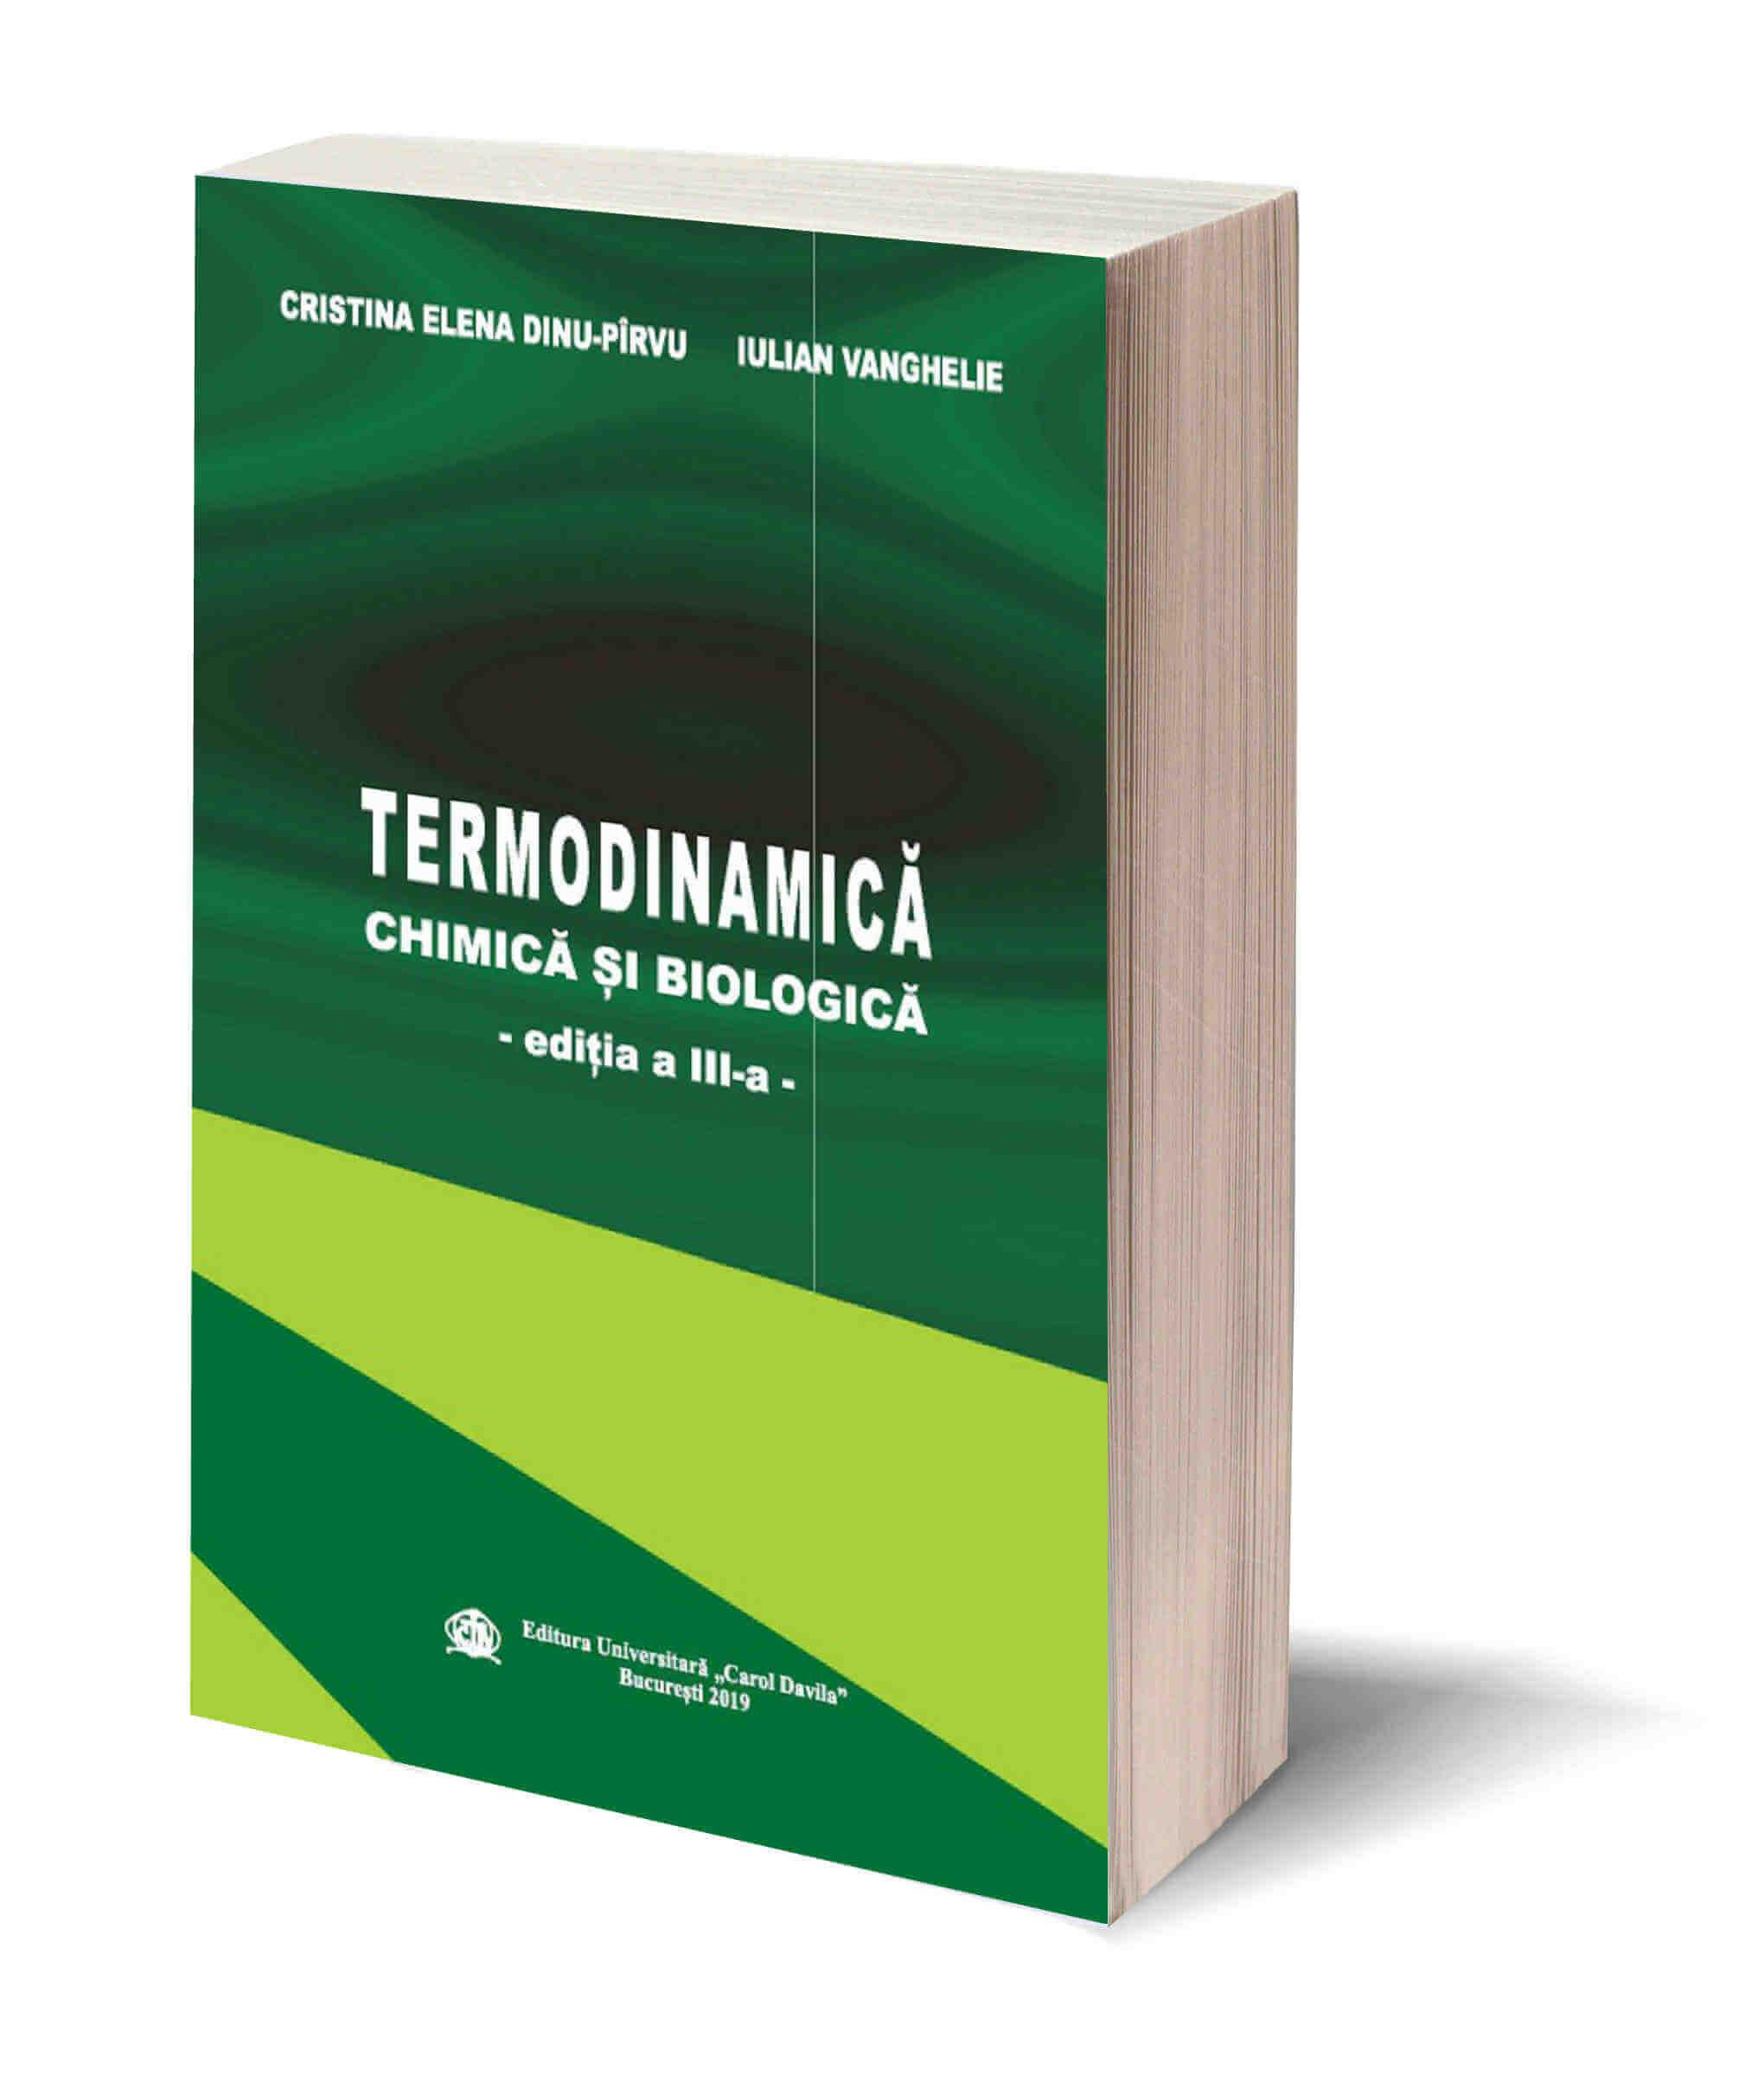 Termodinamica Chimica si Biologica – Editia a III-a